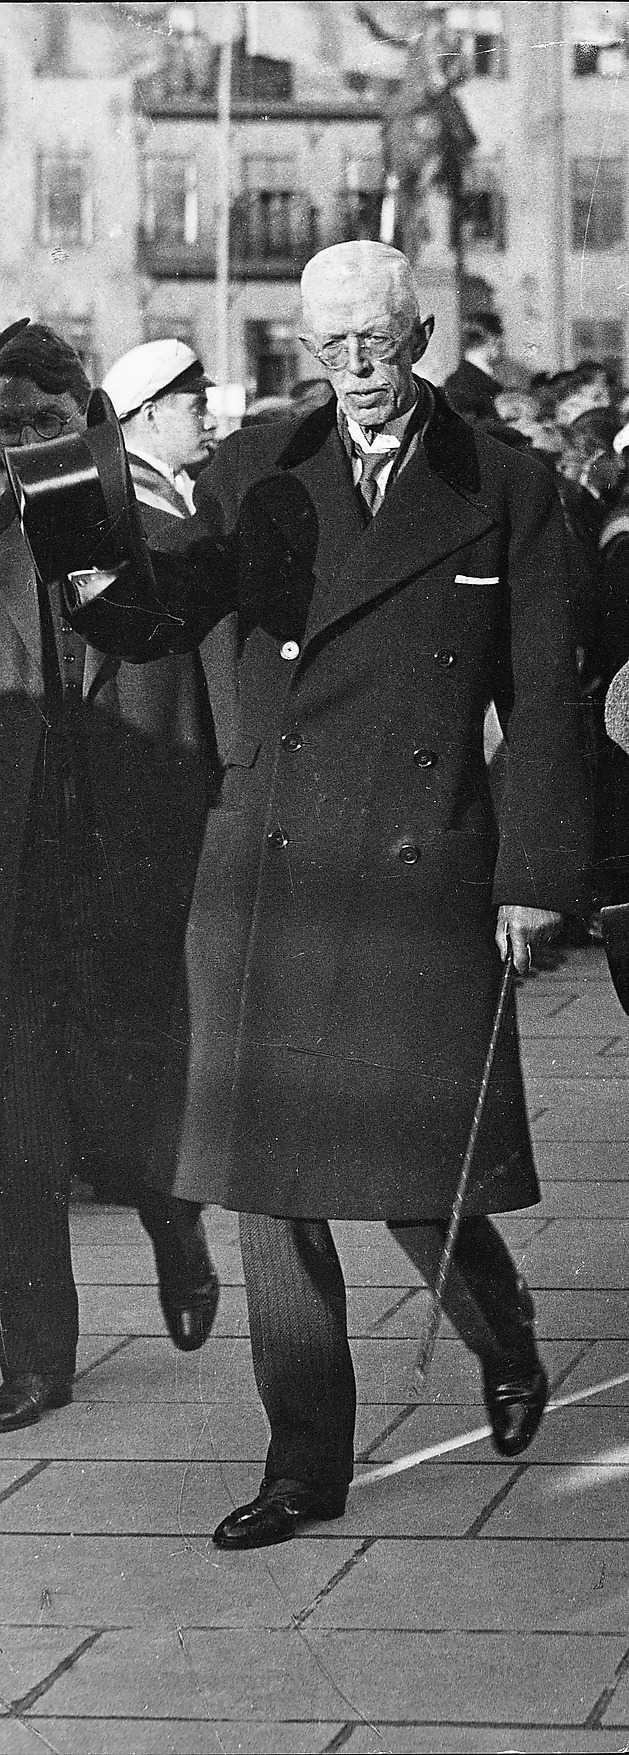 """... strax efter kriget kom generalen Mannerheim på officiellt besök till Stockholm, där han togs emot av kung Gustaf V. Då hade propagandan mot """"den  vita terrorn"""" pågått så intensivt i svensk media att talmannen i andra kammaren, förre LO-ordföranden Herman Lindqvist och den socialdemokratiske  finansministern Thorsson sjukanmälde sig för att slippa skaka hand med """"den vita slaktaren"""" som han kallades i den svenska vänsterpressen."""